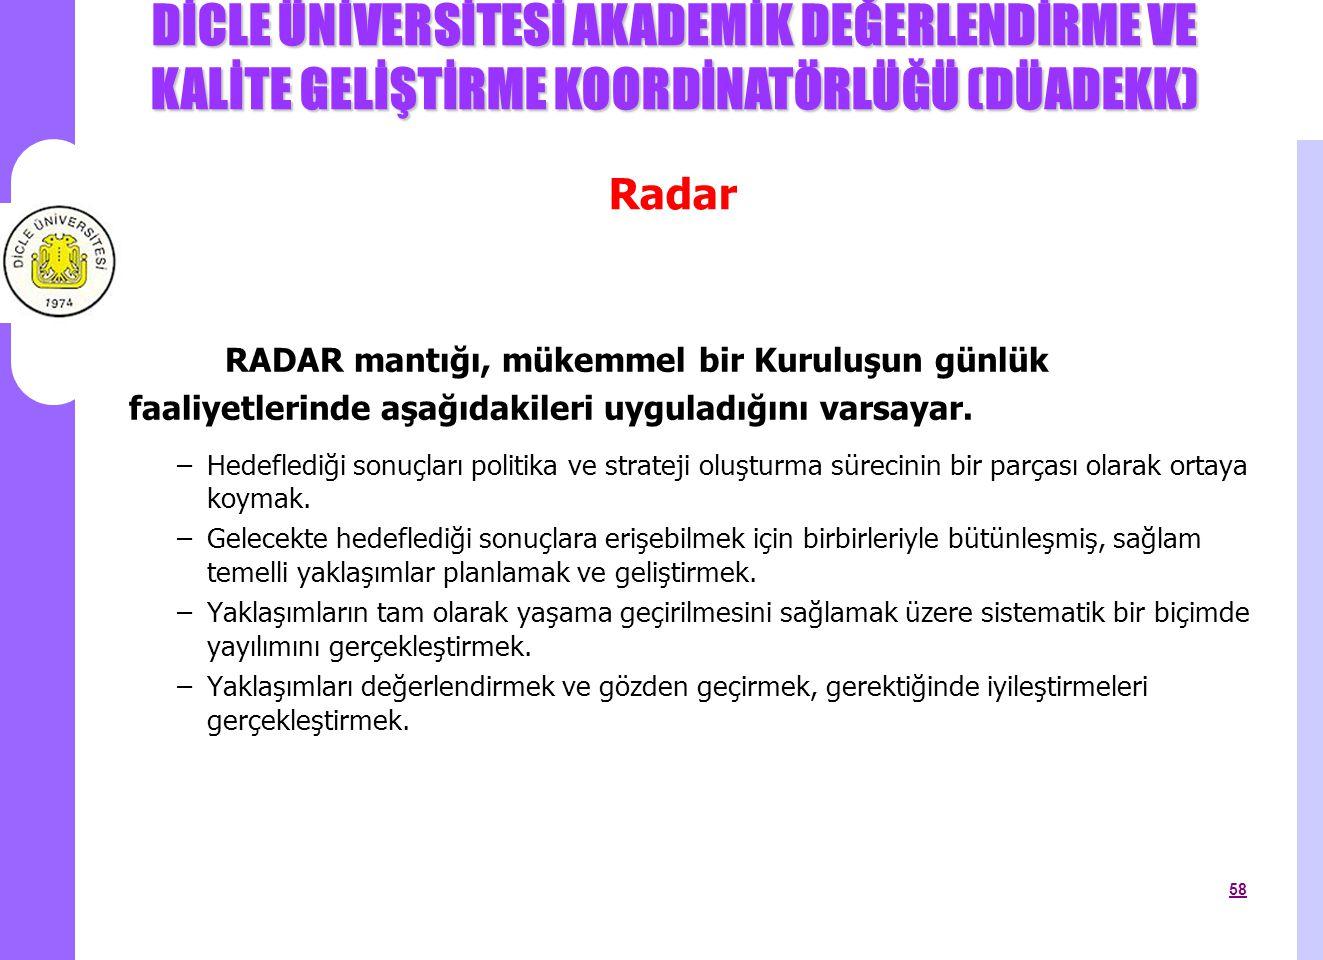 Radar RADAR mantığı, mükemmel bir Kuruluşun günlük faaliyetlerinde aşağıdakileri uyguladığını varsayar.